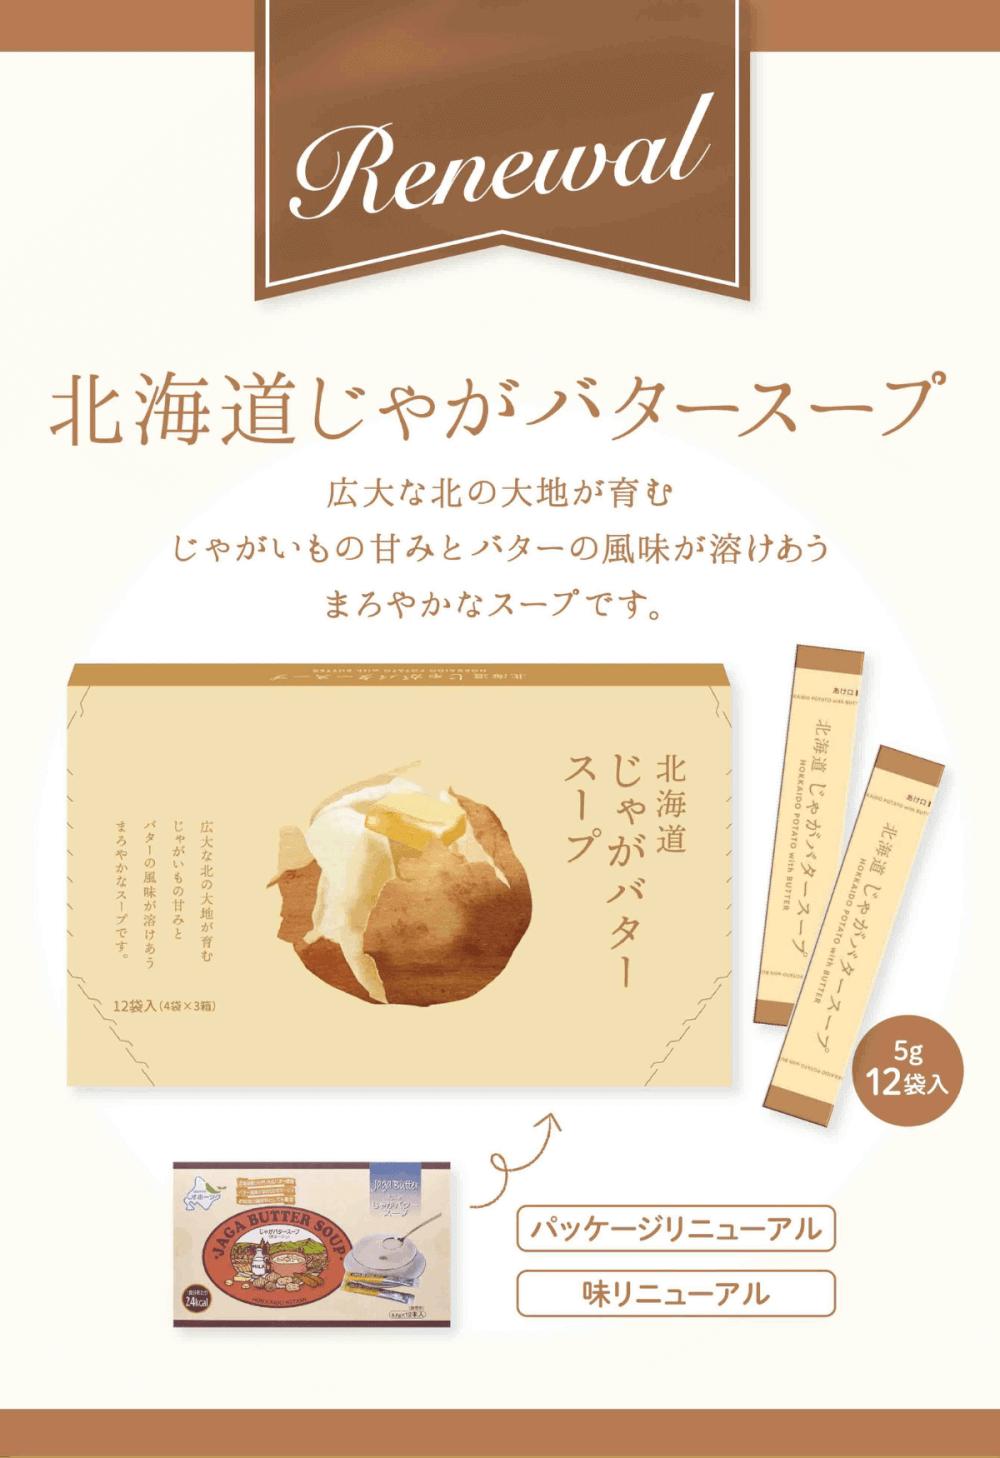 北海道ジャガバタースープリニューアル